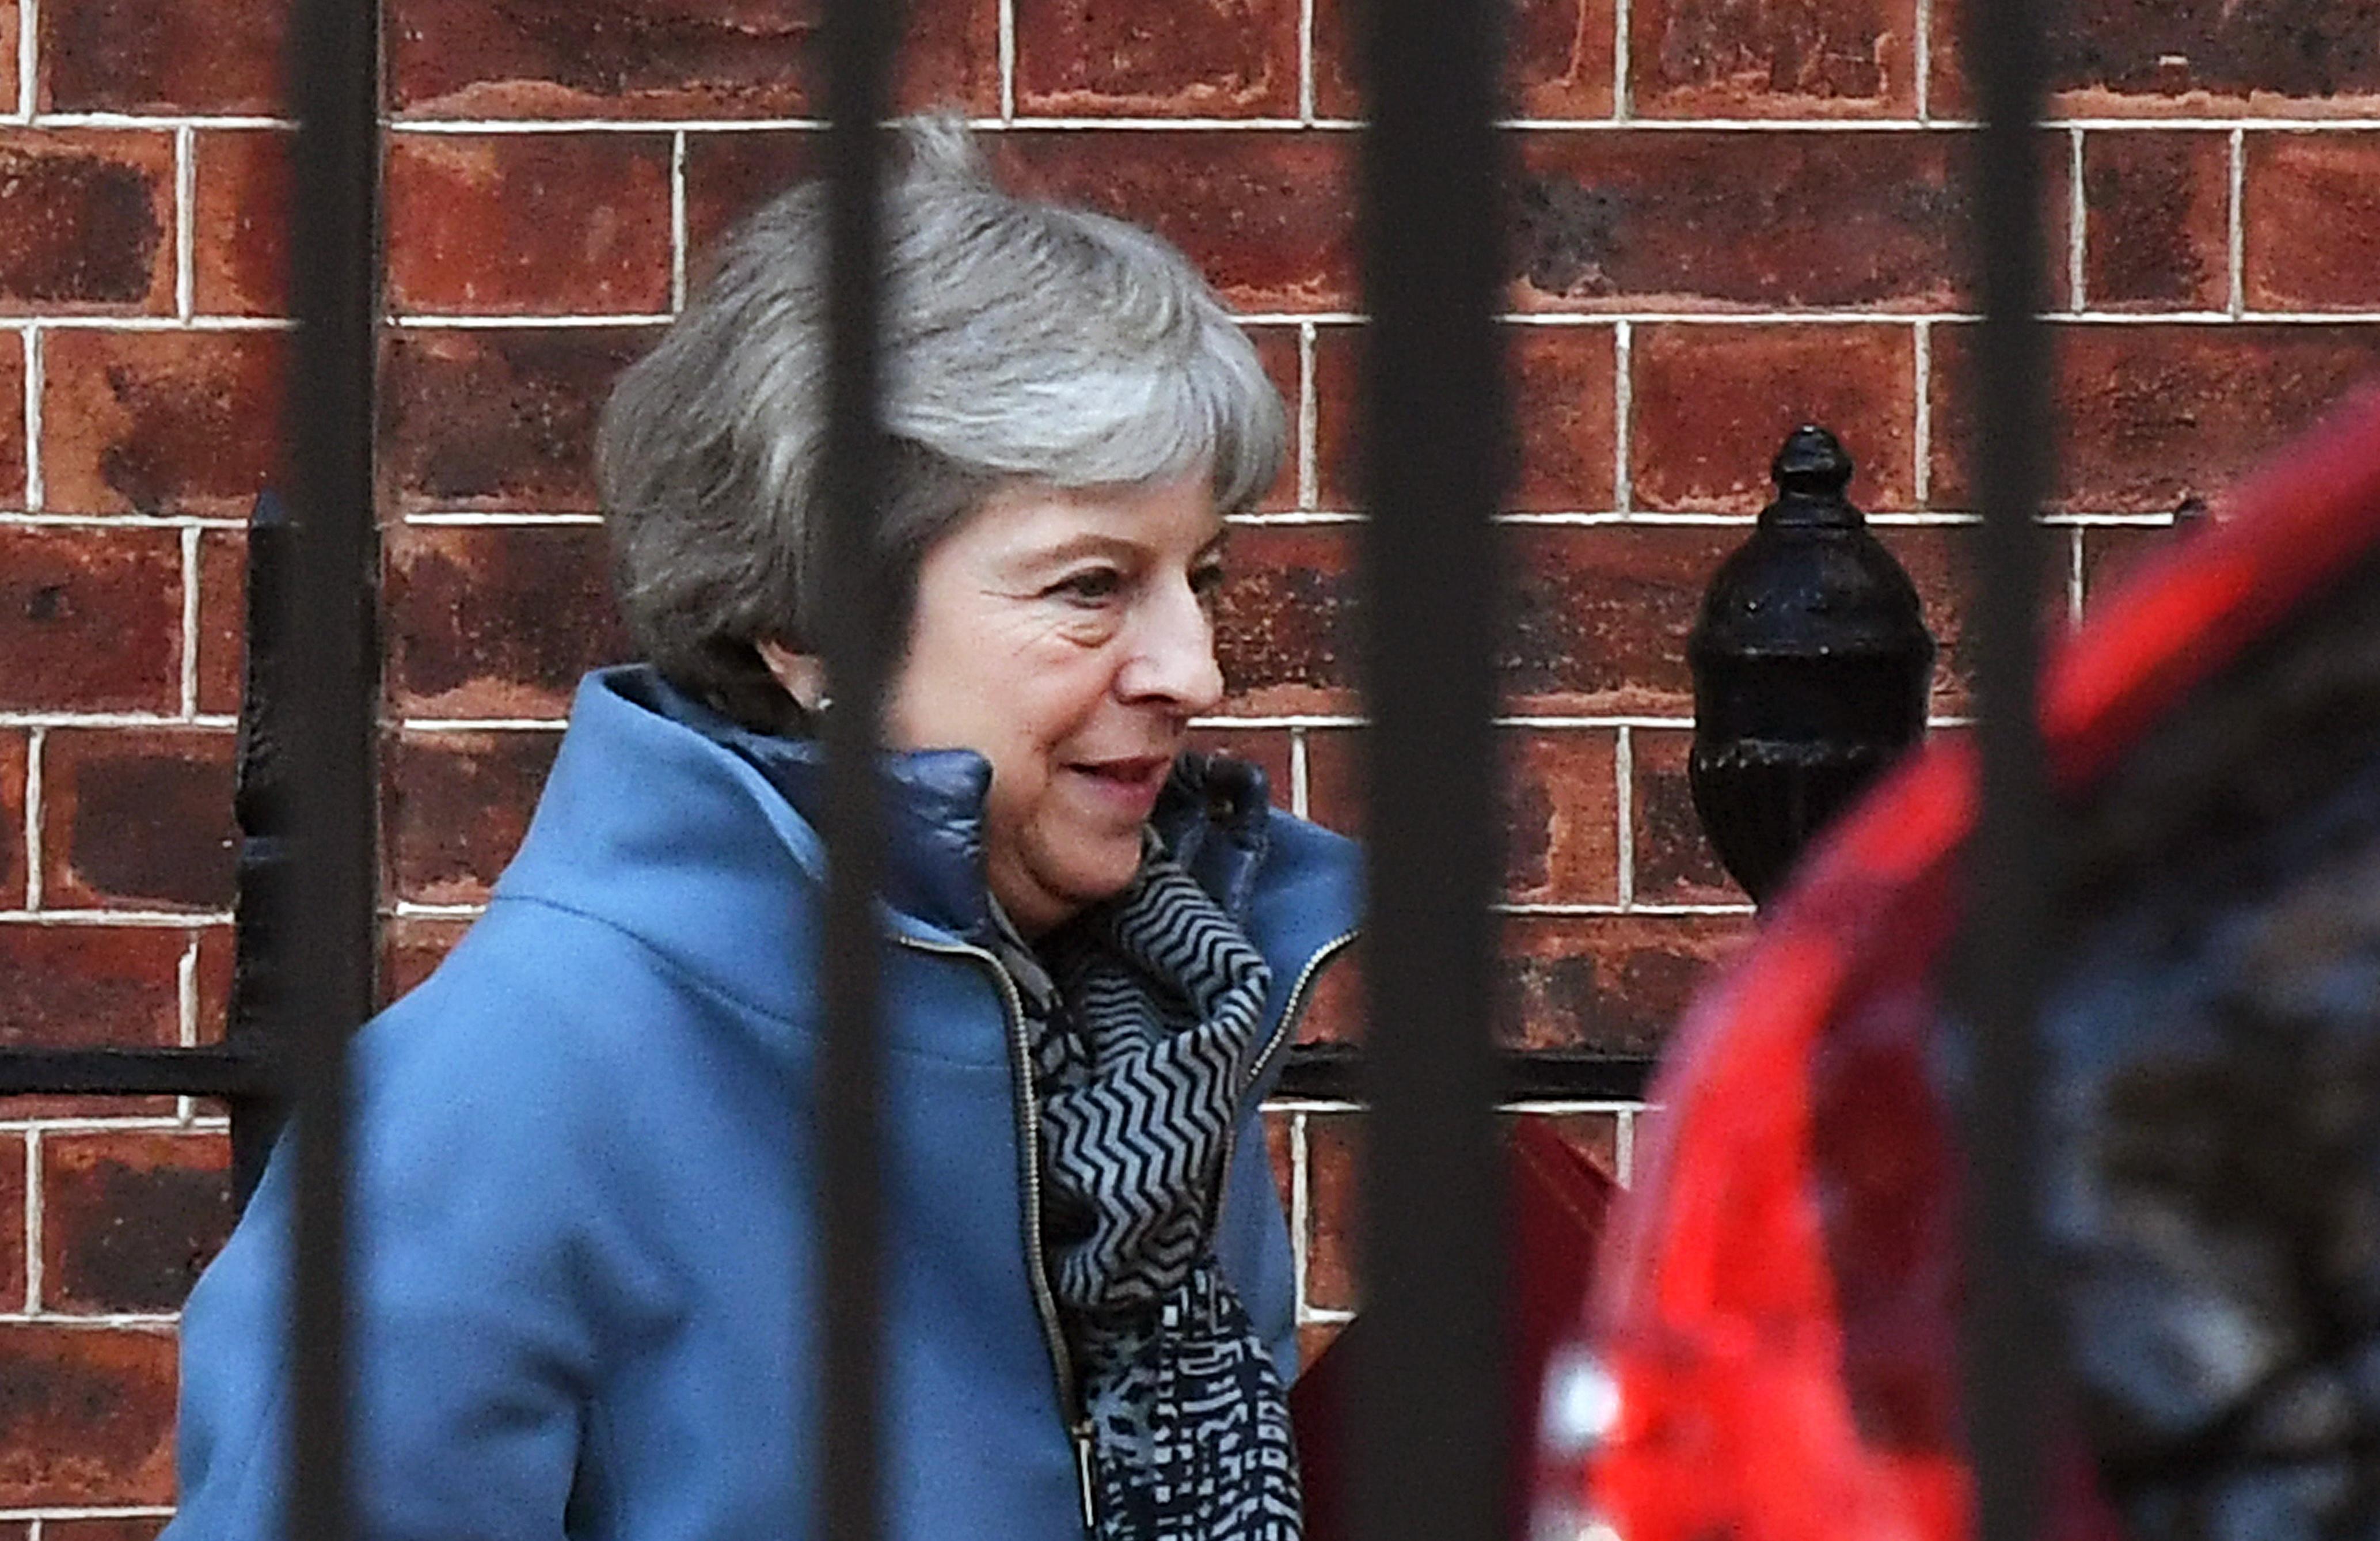 Parlament porazio May, zastupnici postavili nove prepreke Brexitu bez dogovora